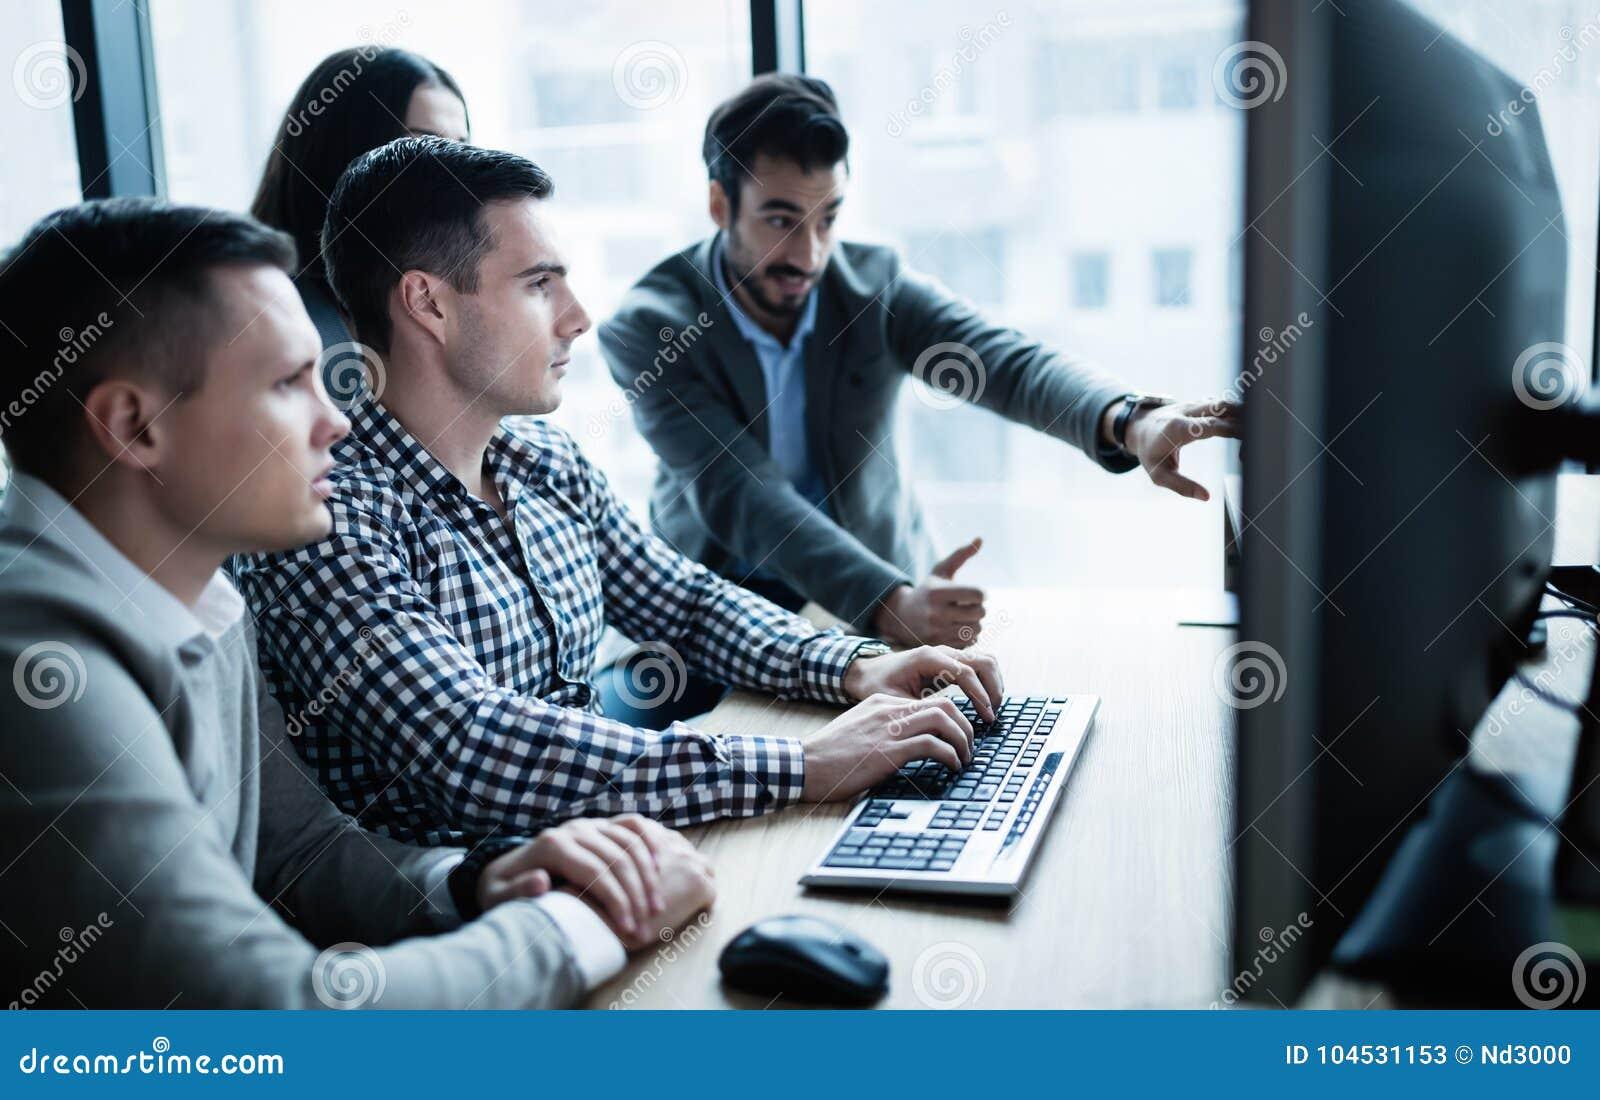 Εργασία μηχανικών λογισμικού στην αρχή στο πρόγραμμα από κοινού